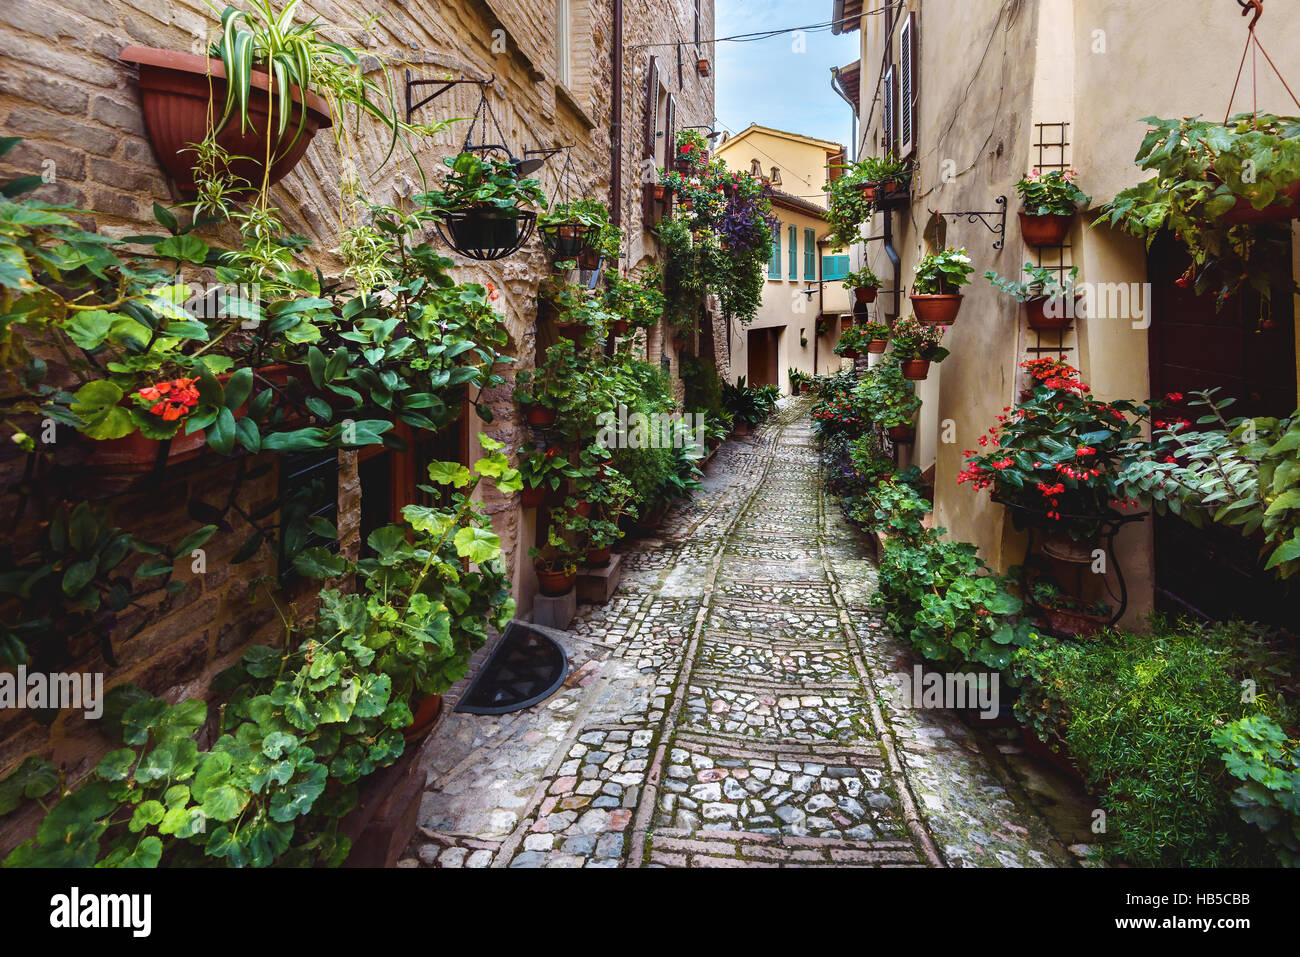 Apparition surprise de rues pleines de fleurs en Spello, Ombrie. Photo Stock